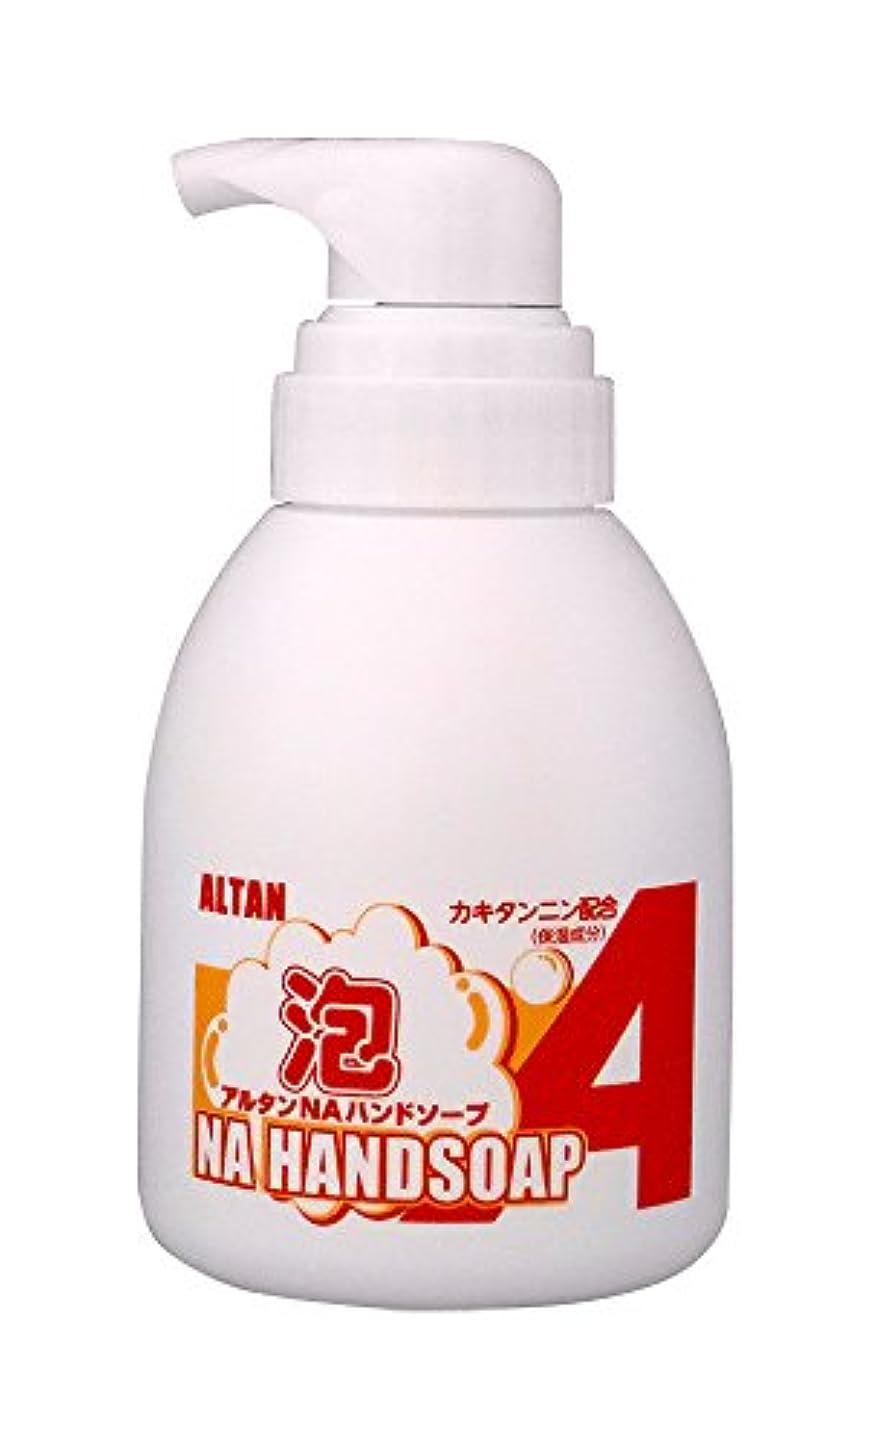 治療シンジケート航空便アルタン 業務用 洗浄用石けん アルタンNAハンドソープ 泡タイプ 500ml